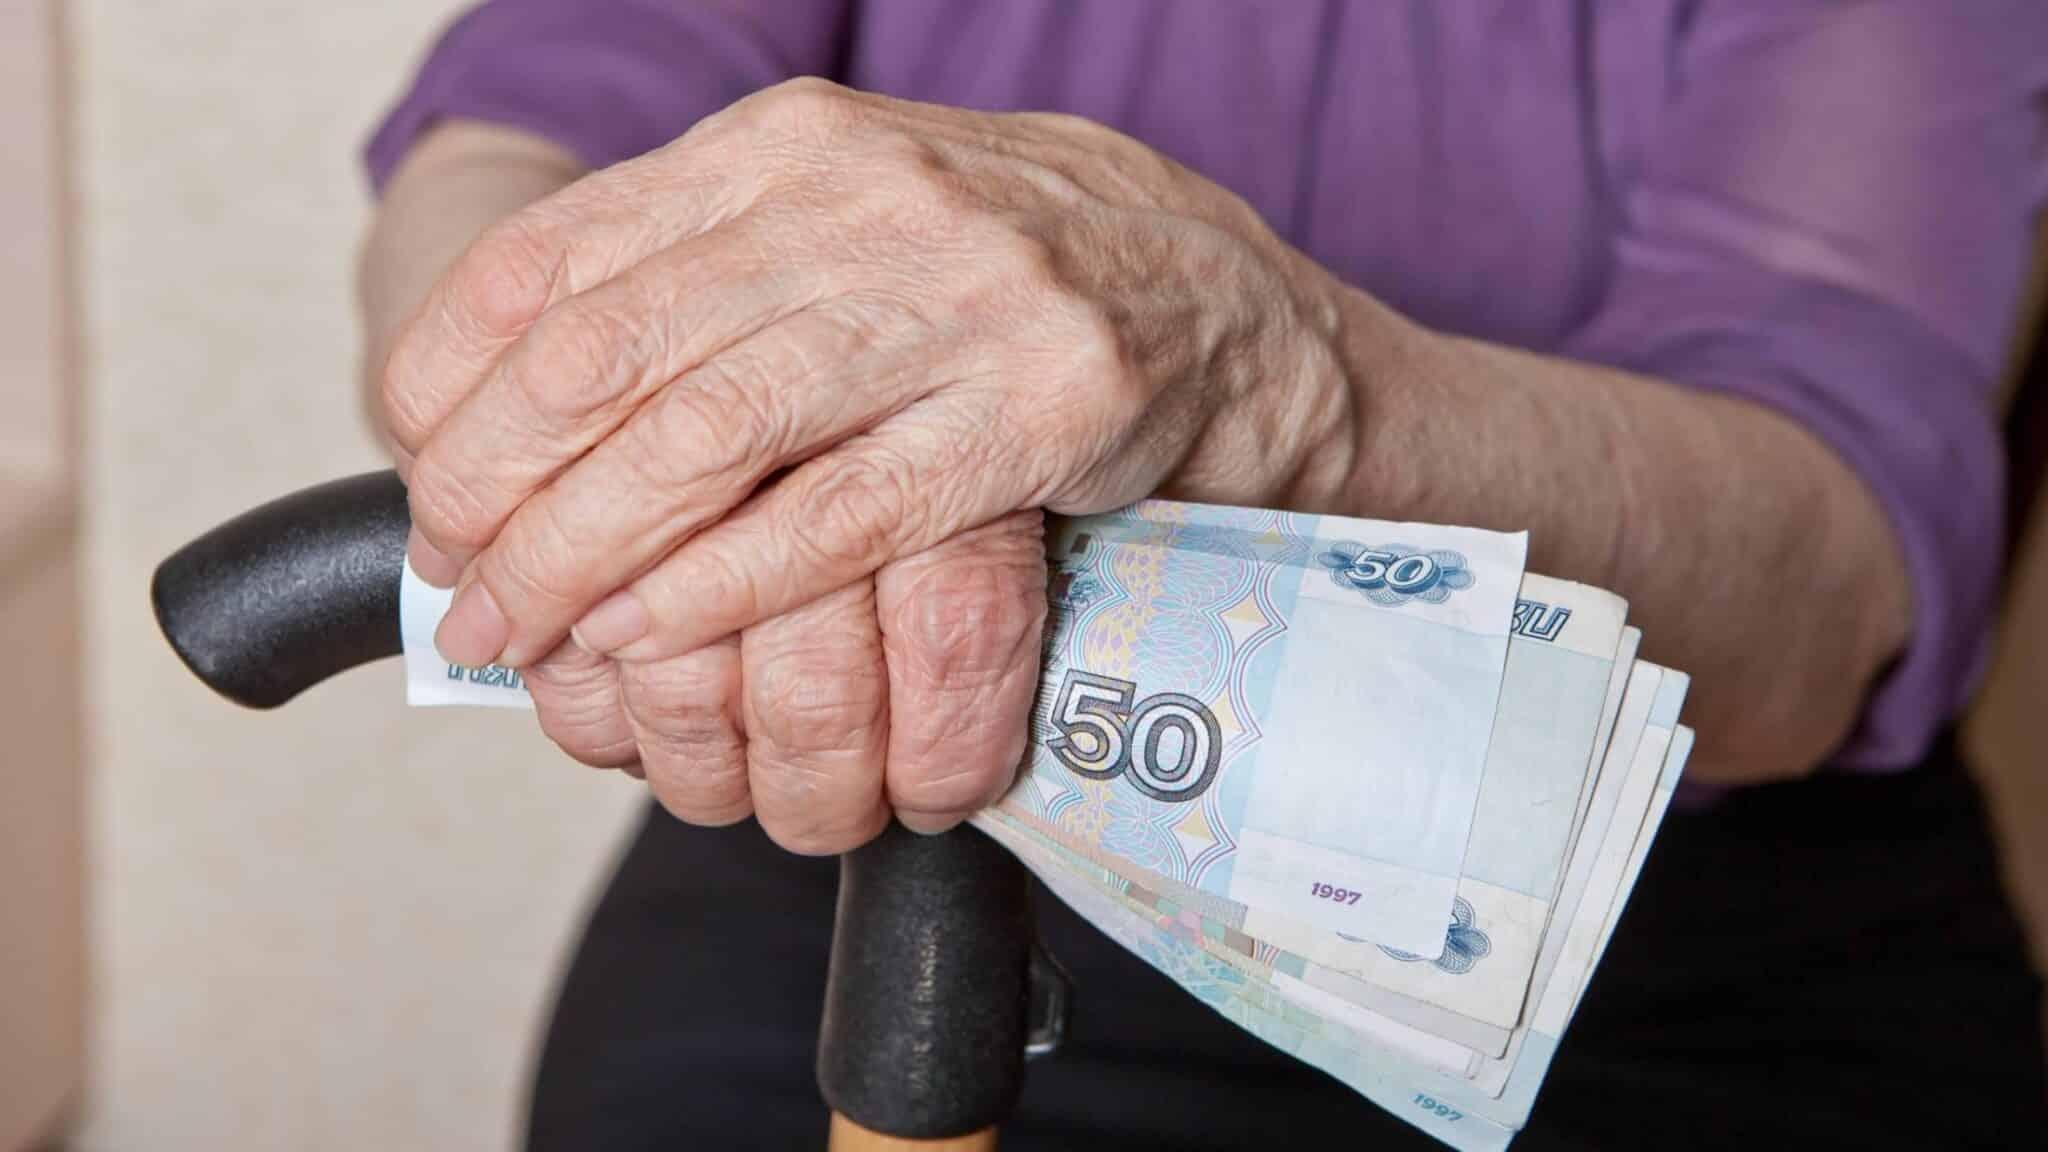 Досрочный выход на пенсию пересмотрят в 2020 году